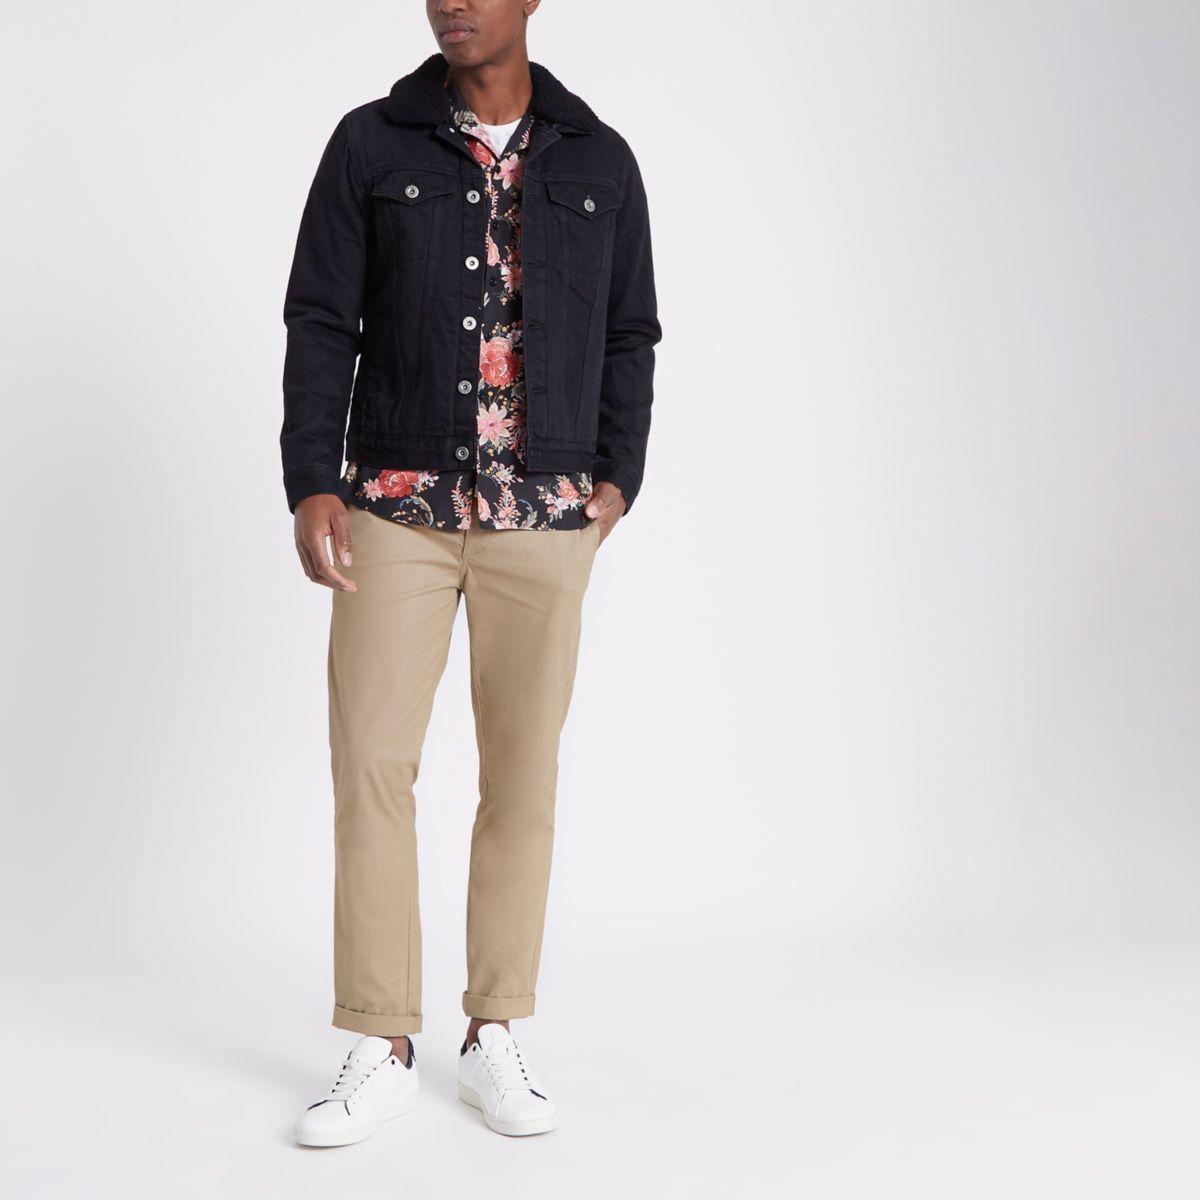 Veste en jean noire avec doublure imitation mouton